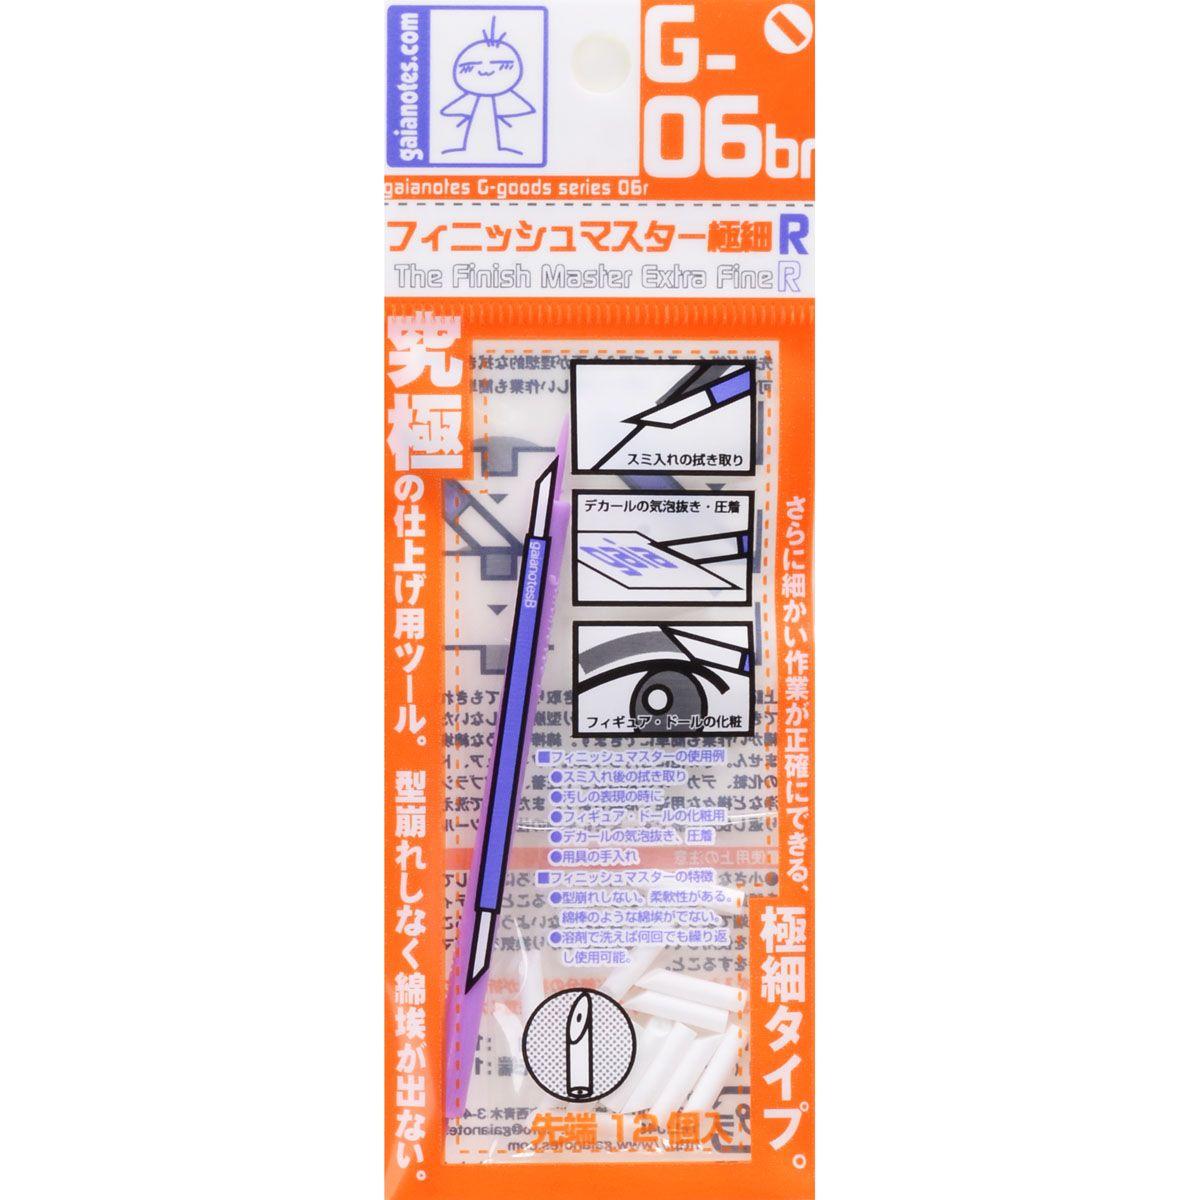 ปากกาลบเส้น GAIA G06Rbr (หัวเล็ก)